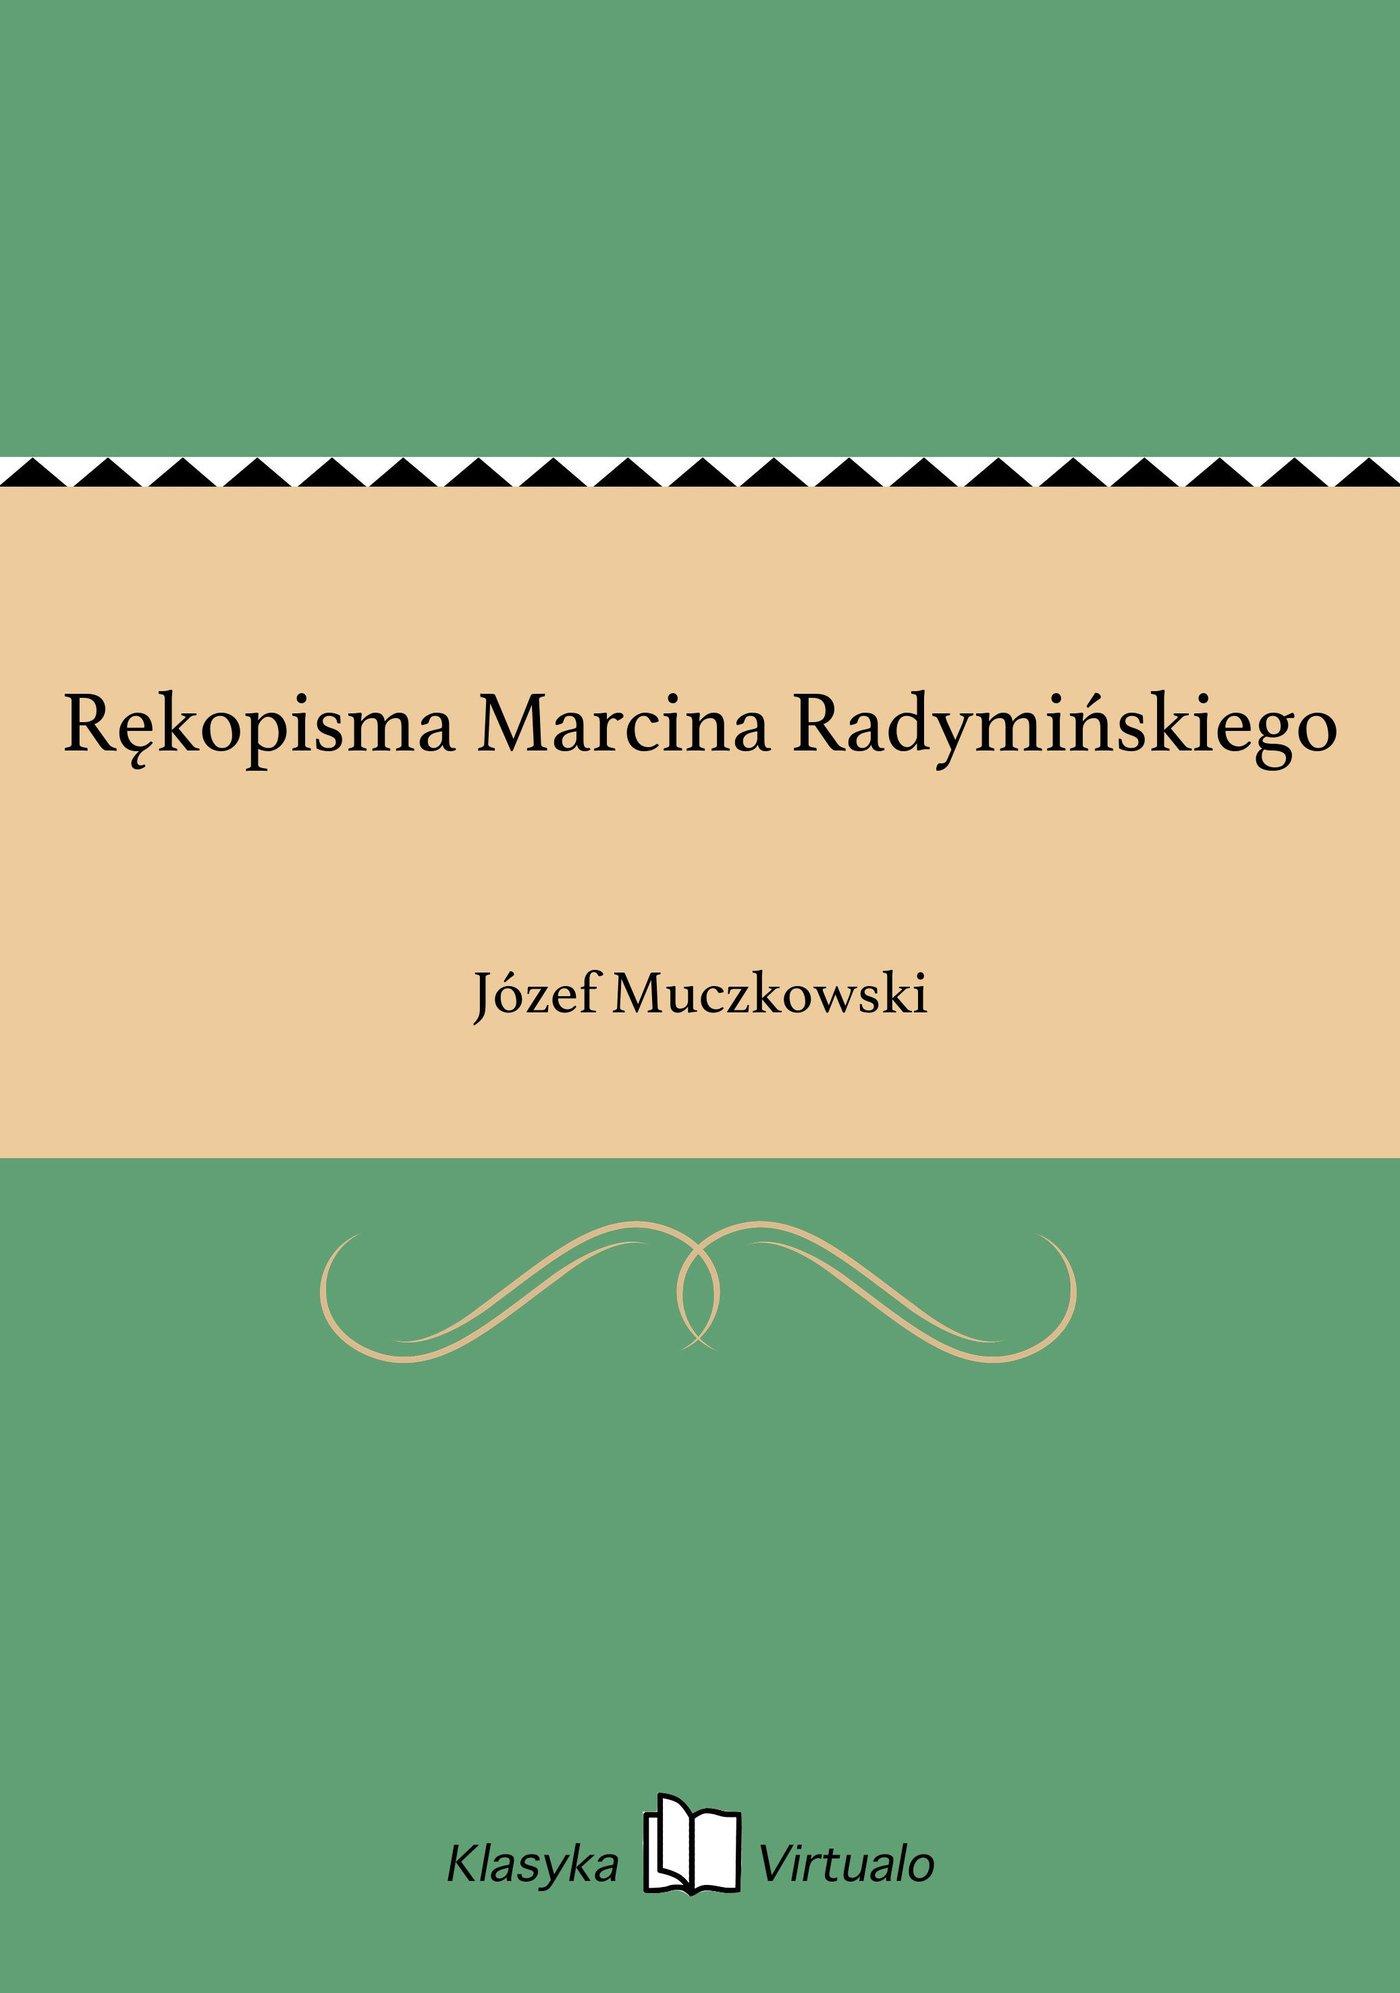 Rękopisma Marcina Radymińskiego - Ebook (Książka EPUB) do pobrania w formacie EPUB